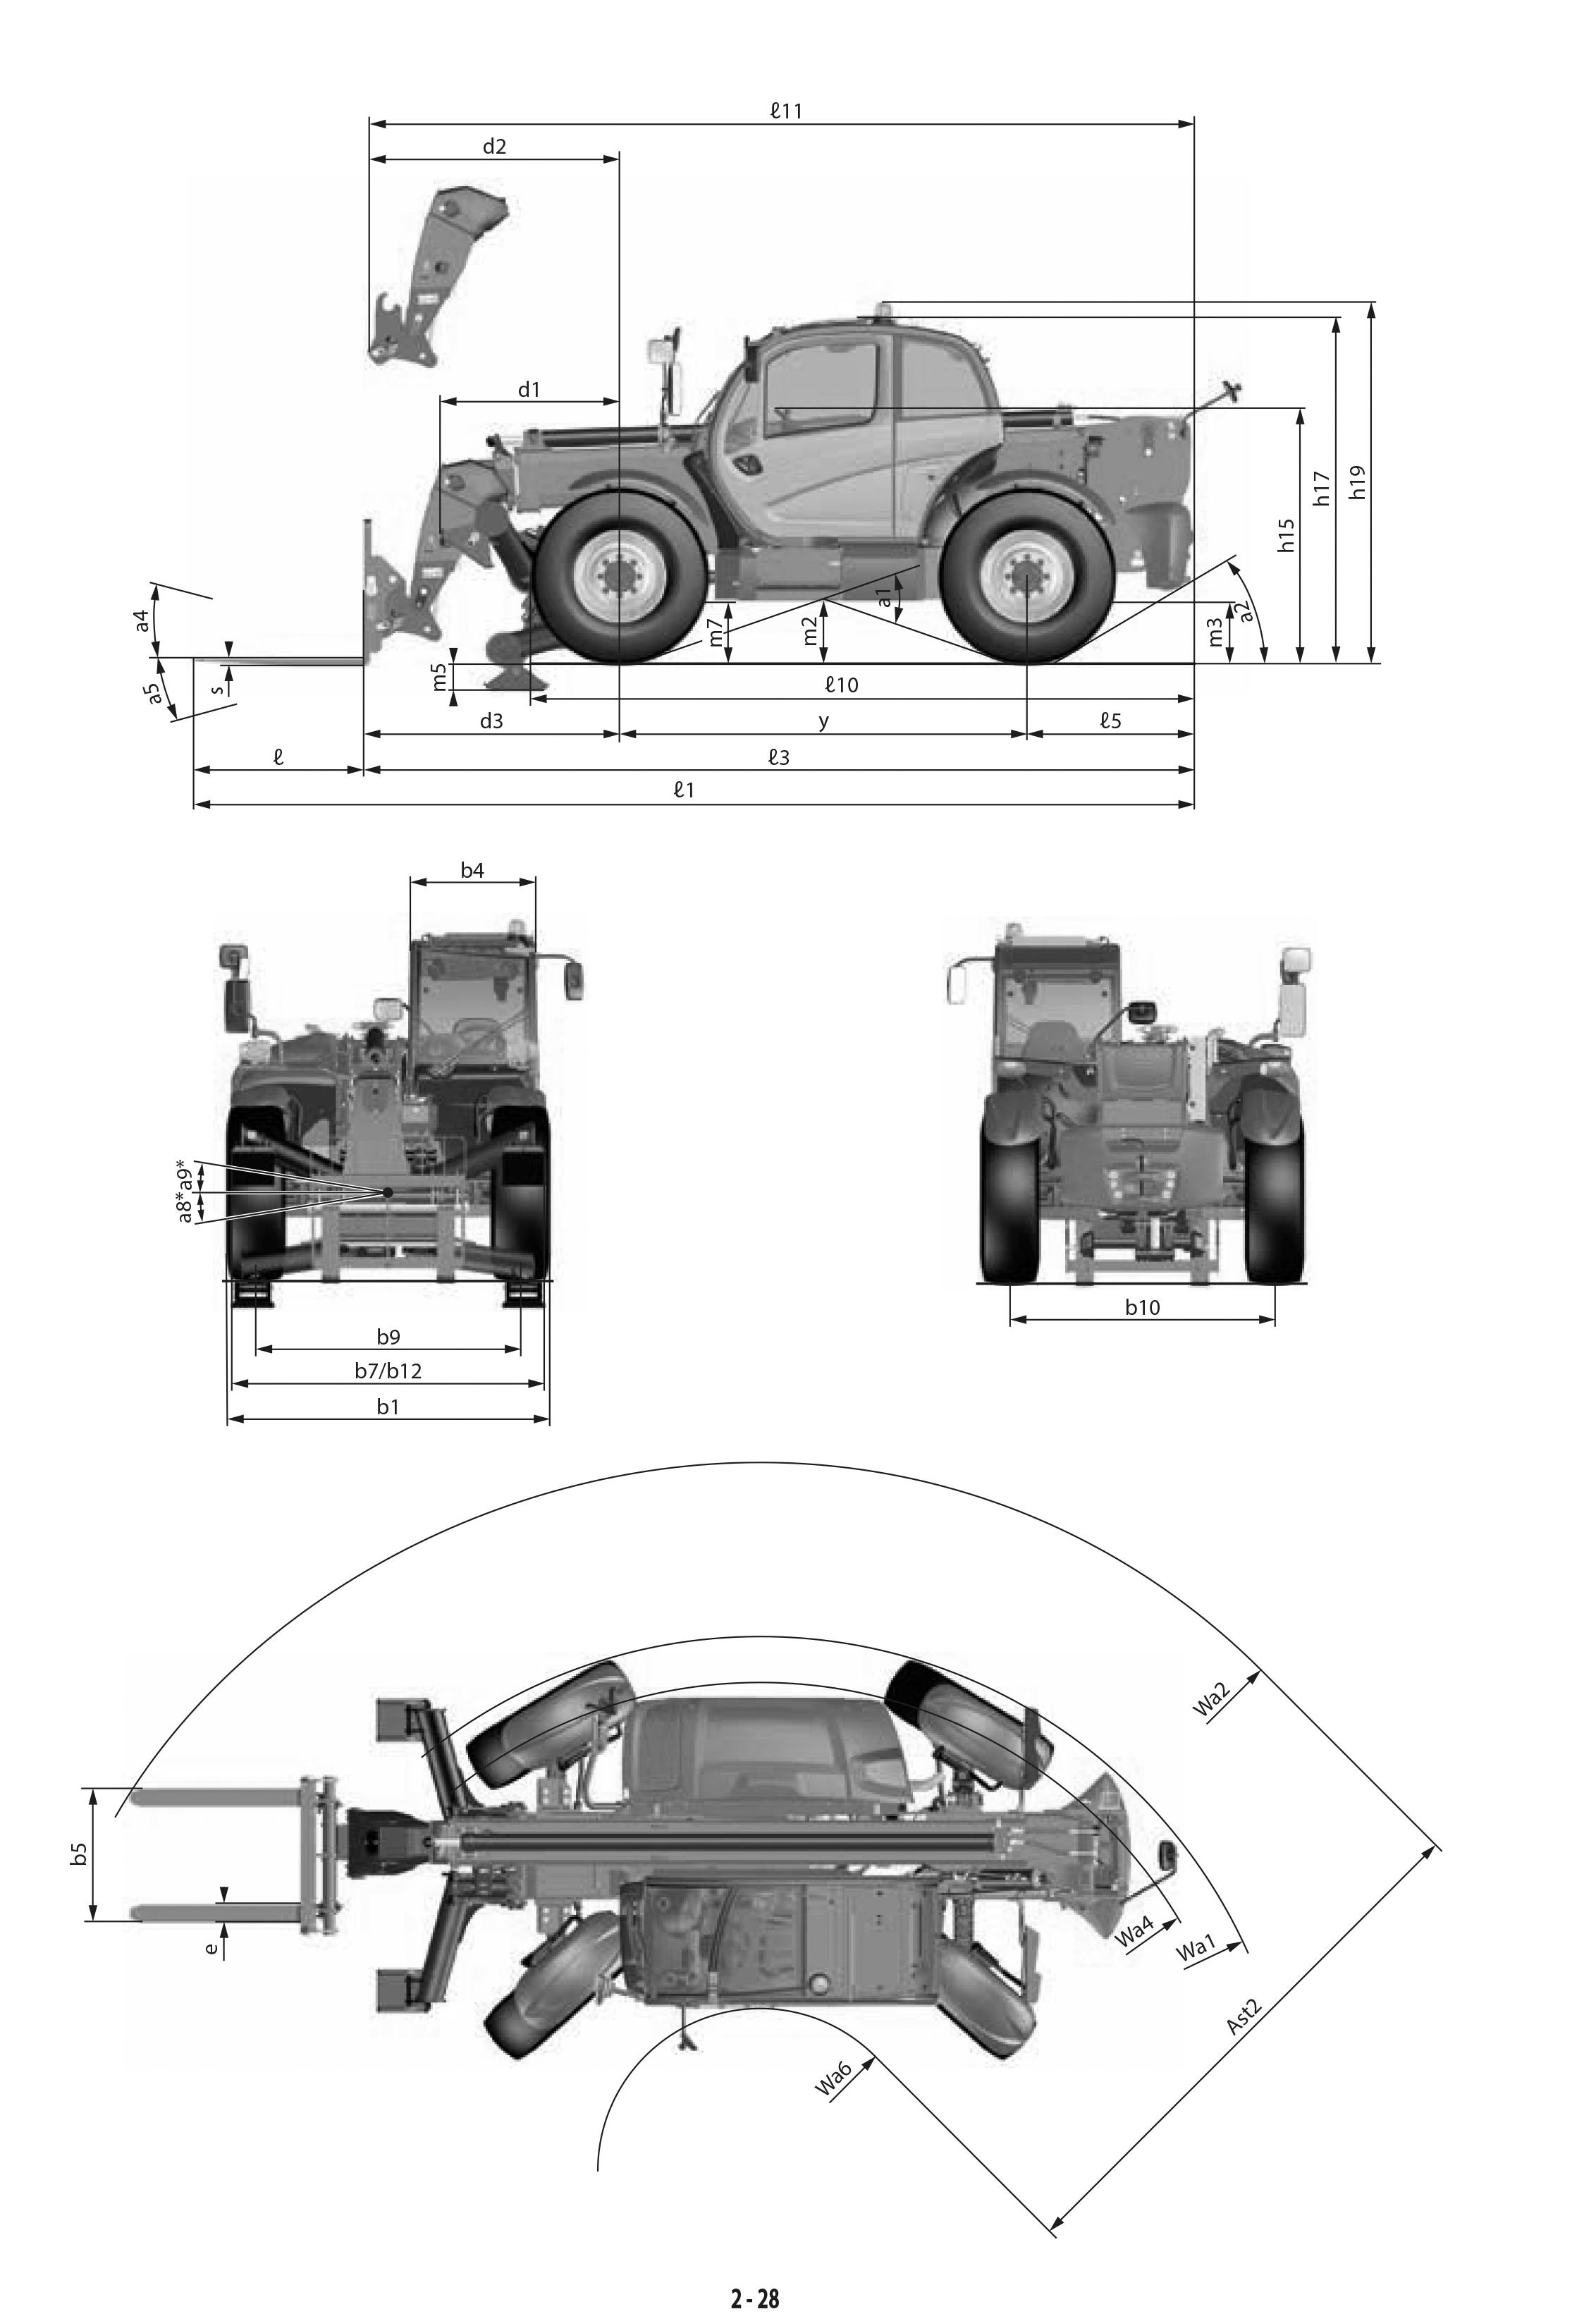 Teleskopstapler 3,5t / 13m Maße